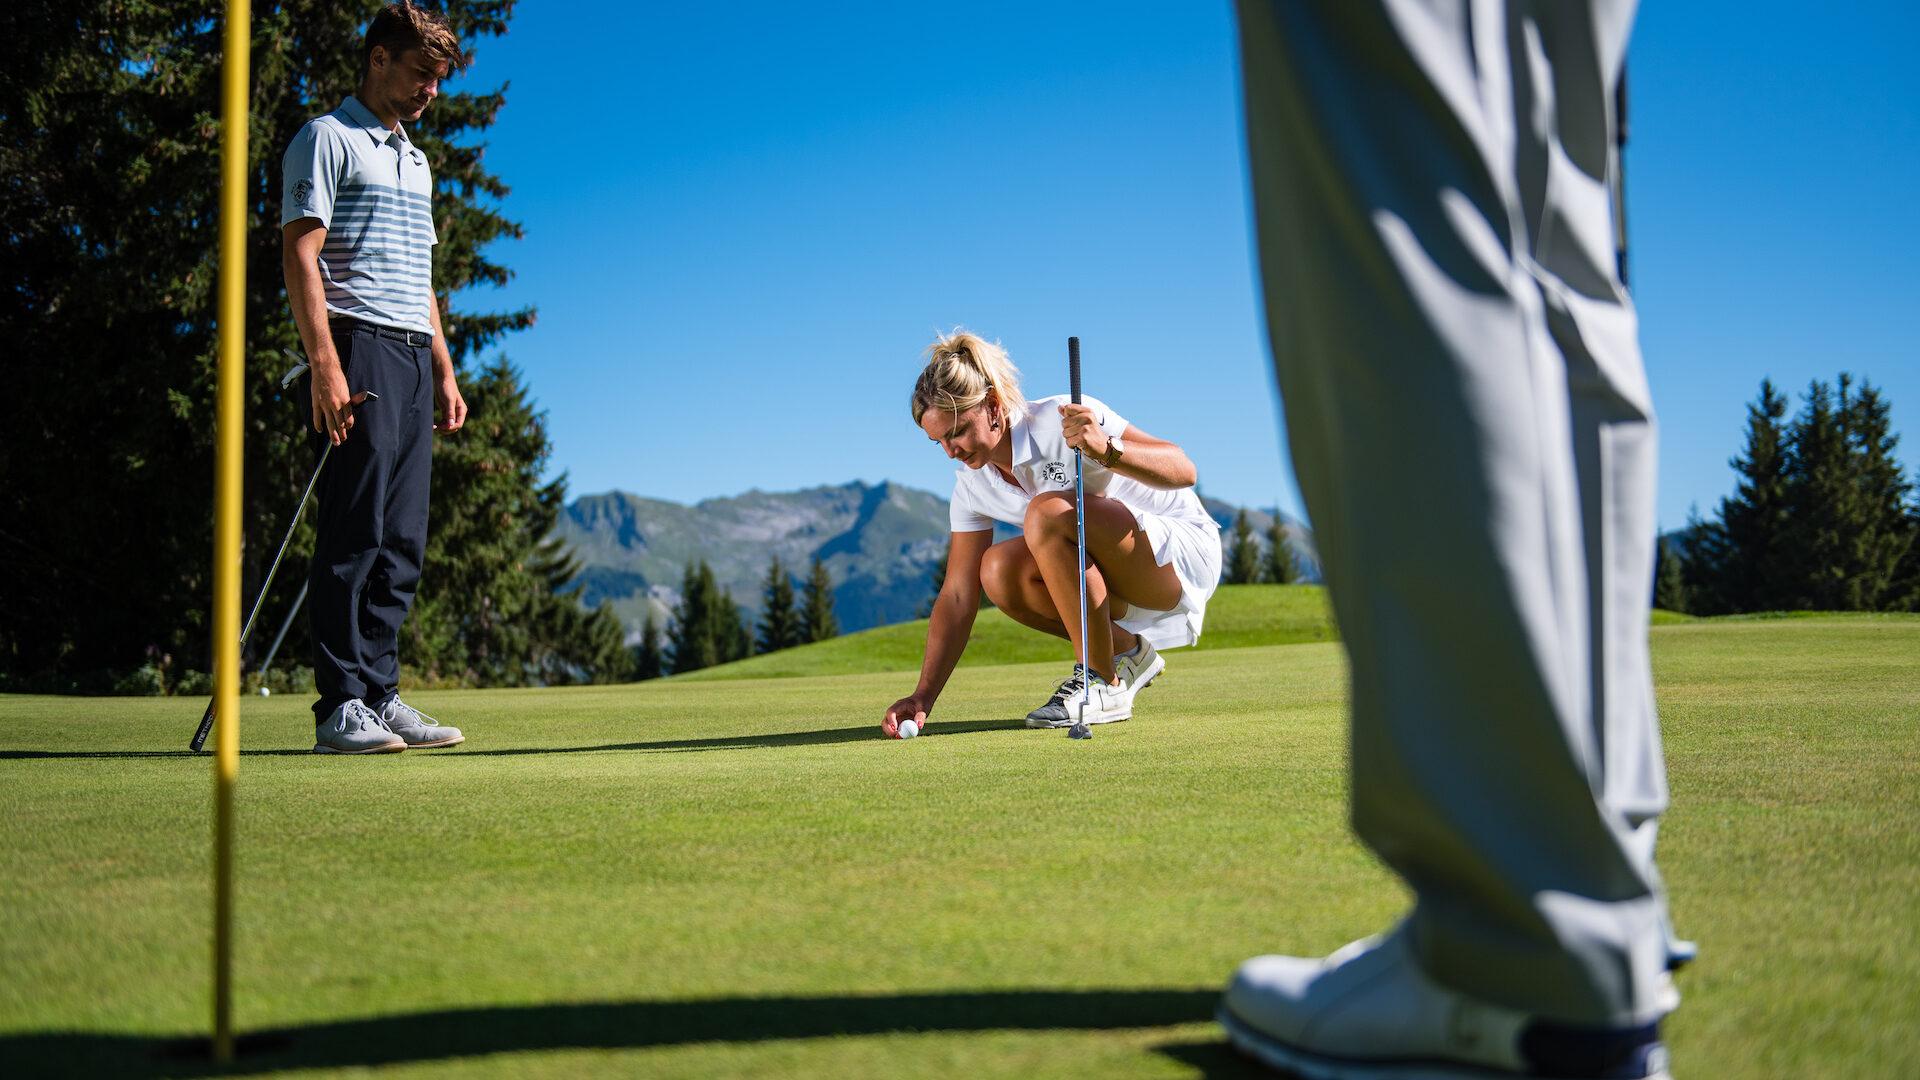 Trois personnes jouant au golf avec femme posant la balle à terre